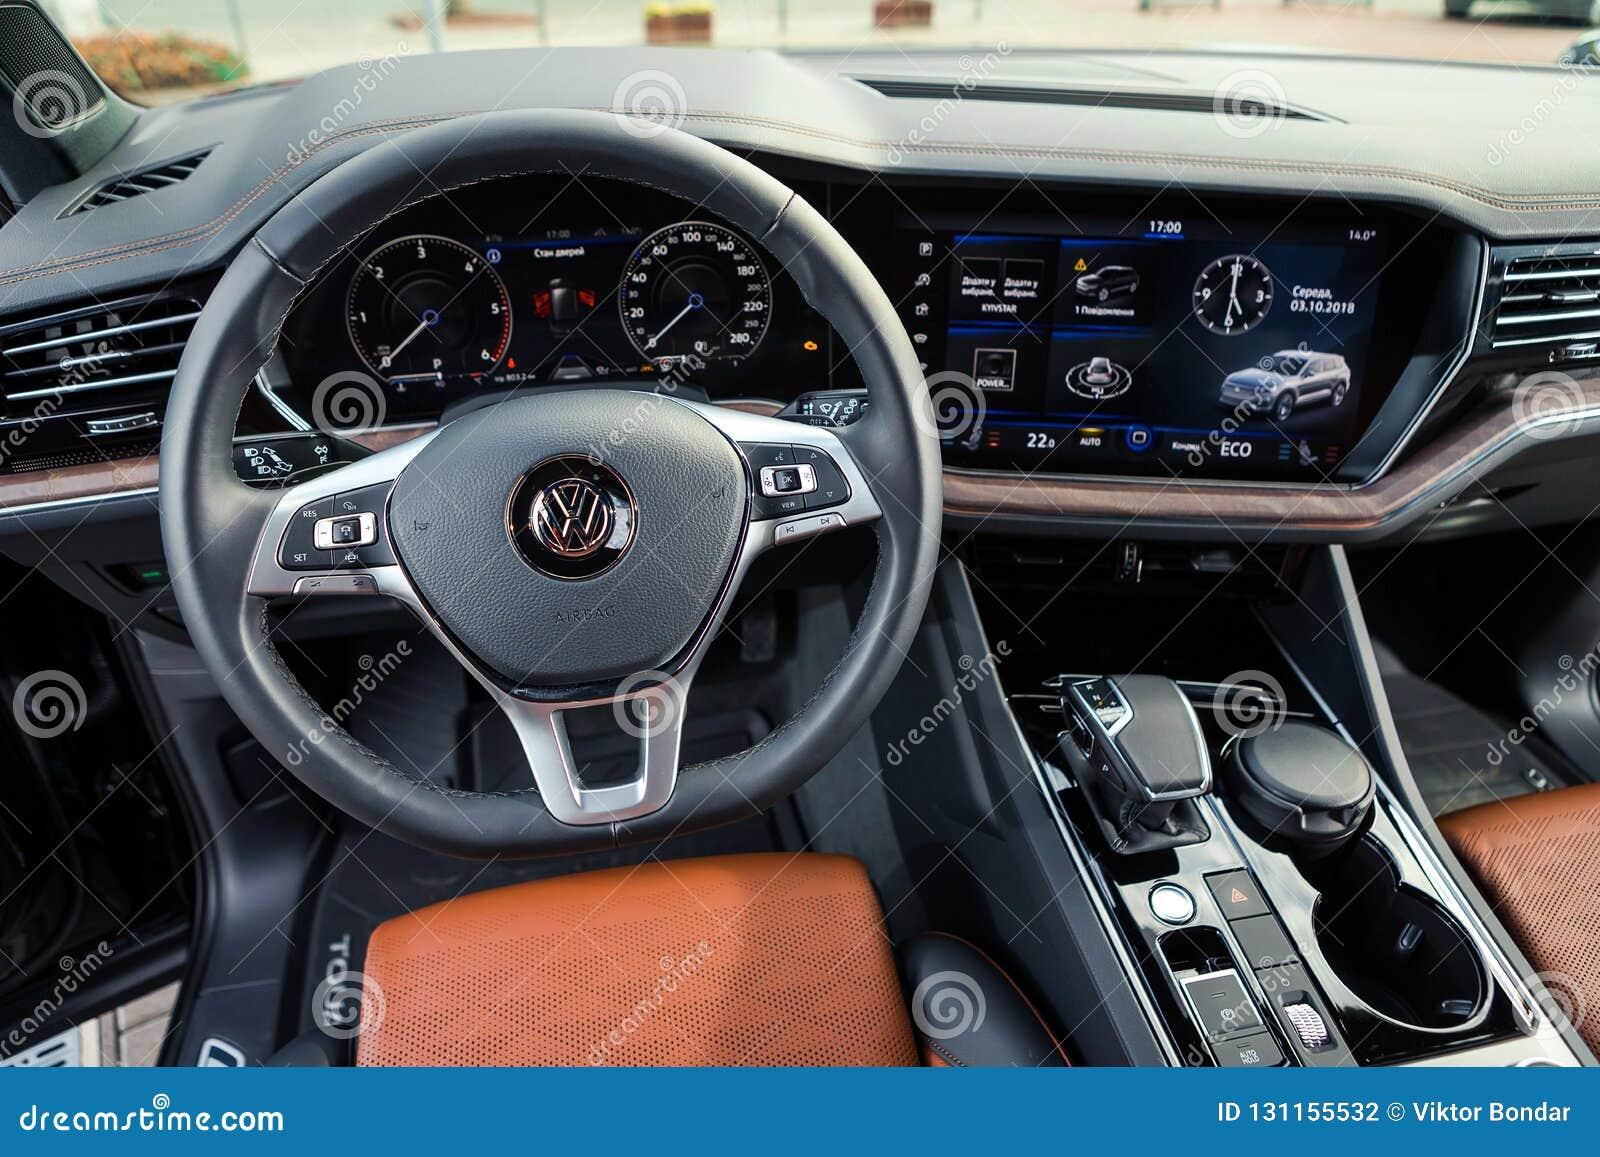 03 De Outubro De 2018 Vinnitsa Ucrania Volkswagen Touareg Novo Fotografia Editorial Imagem De Outubro Ucrania 131155532